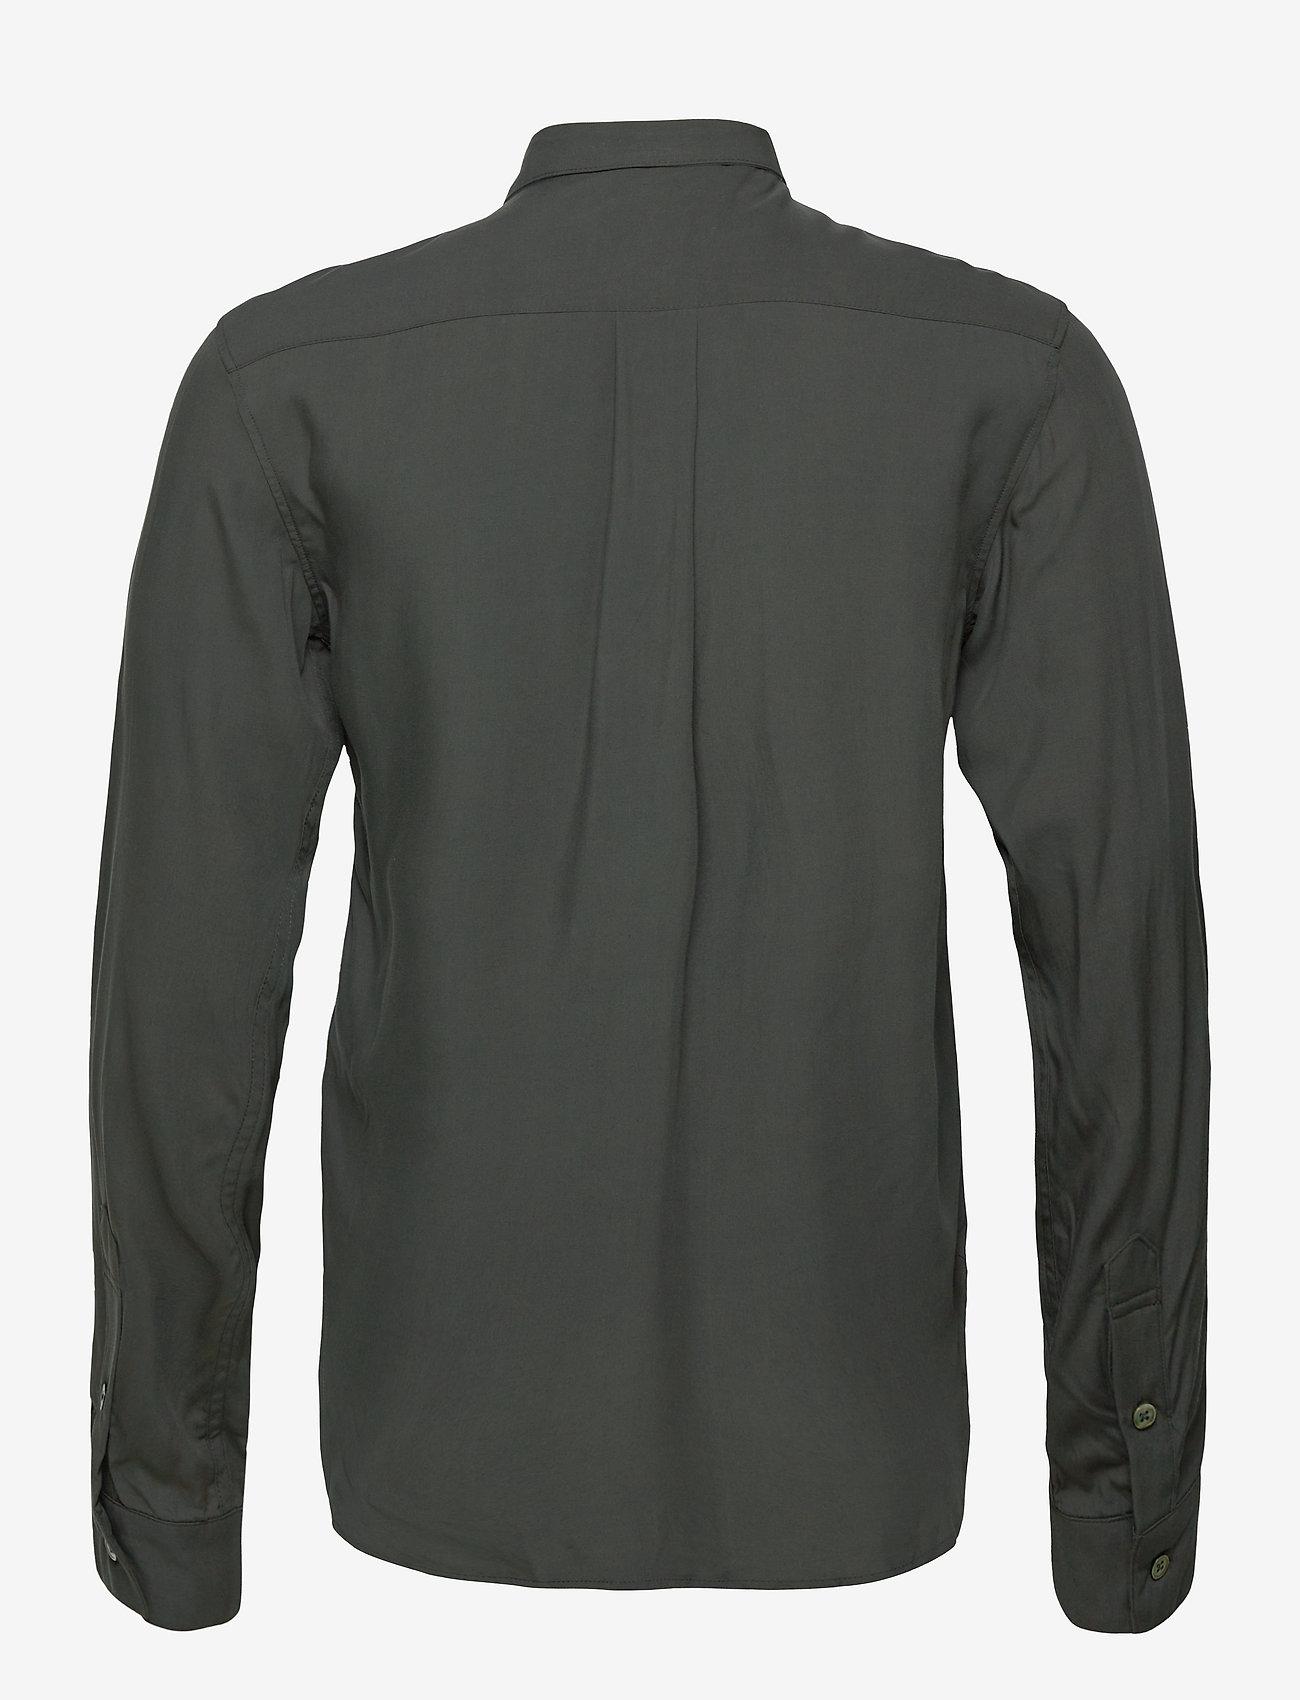 Resteröds Resteröds regular shirt - Skjorter PIRATE BLA - Menn Klær